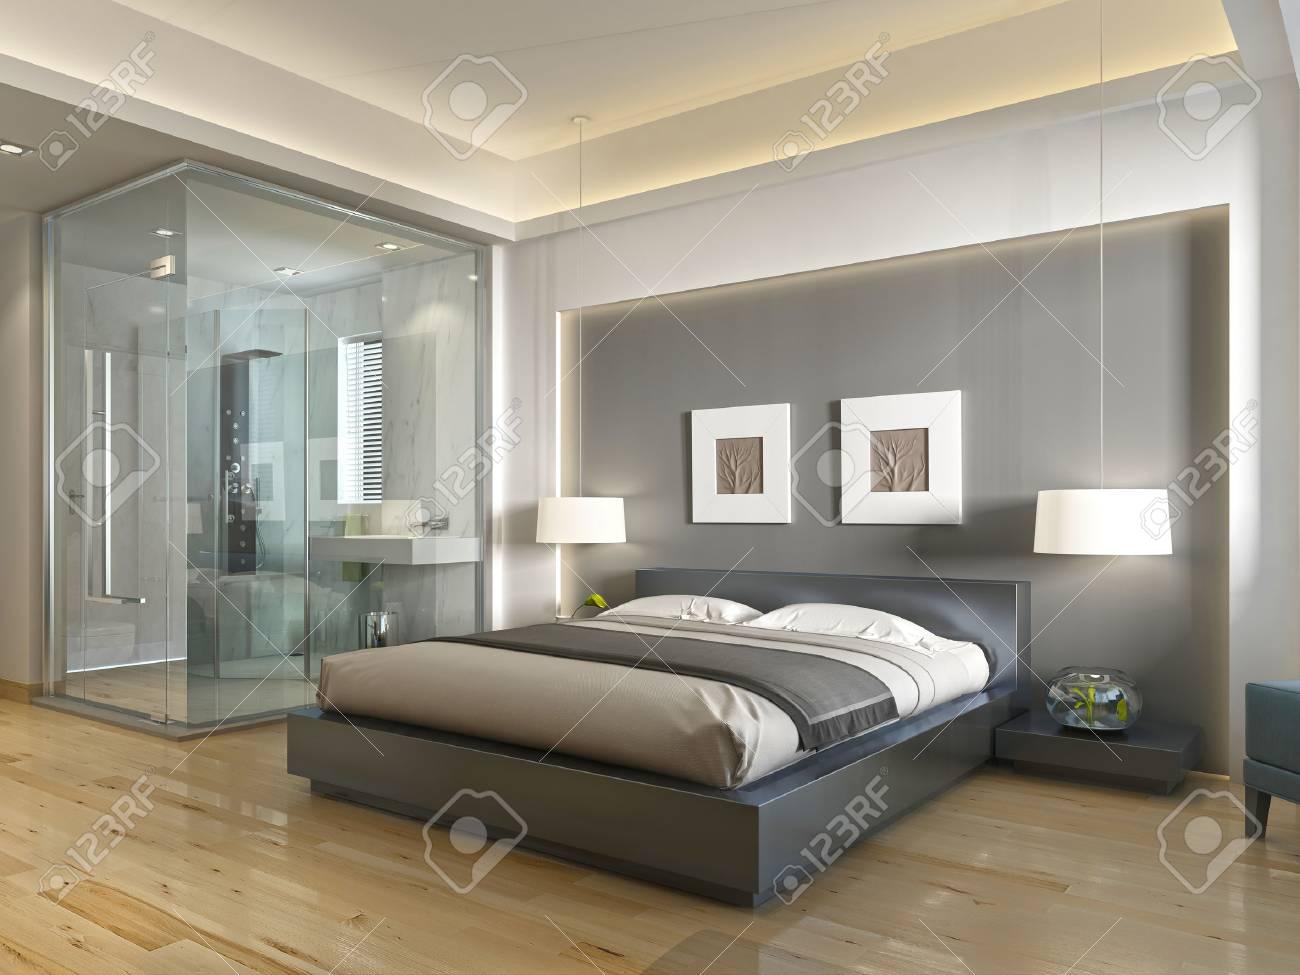 Moderne Chambre D H Tel Avec Un Grand Lit Un Style Contemporain